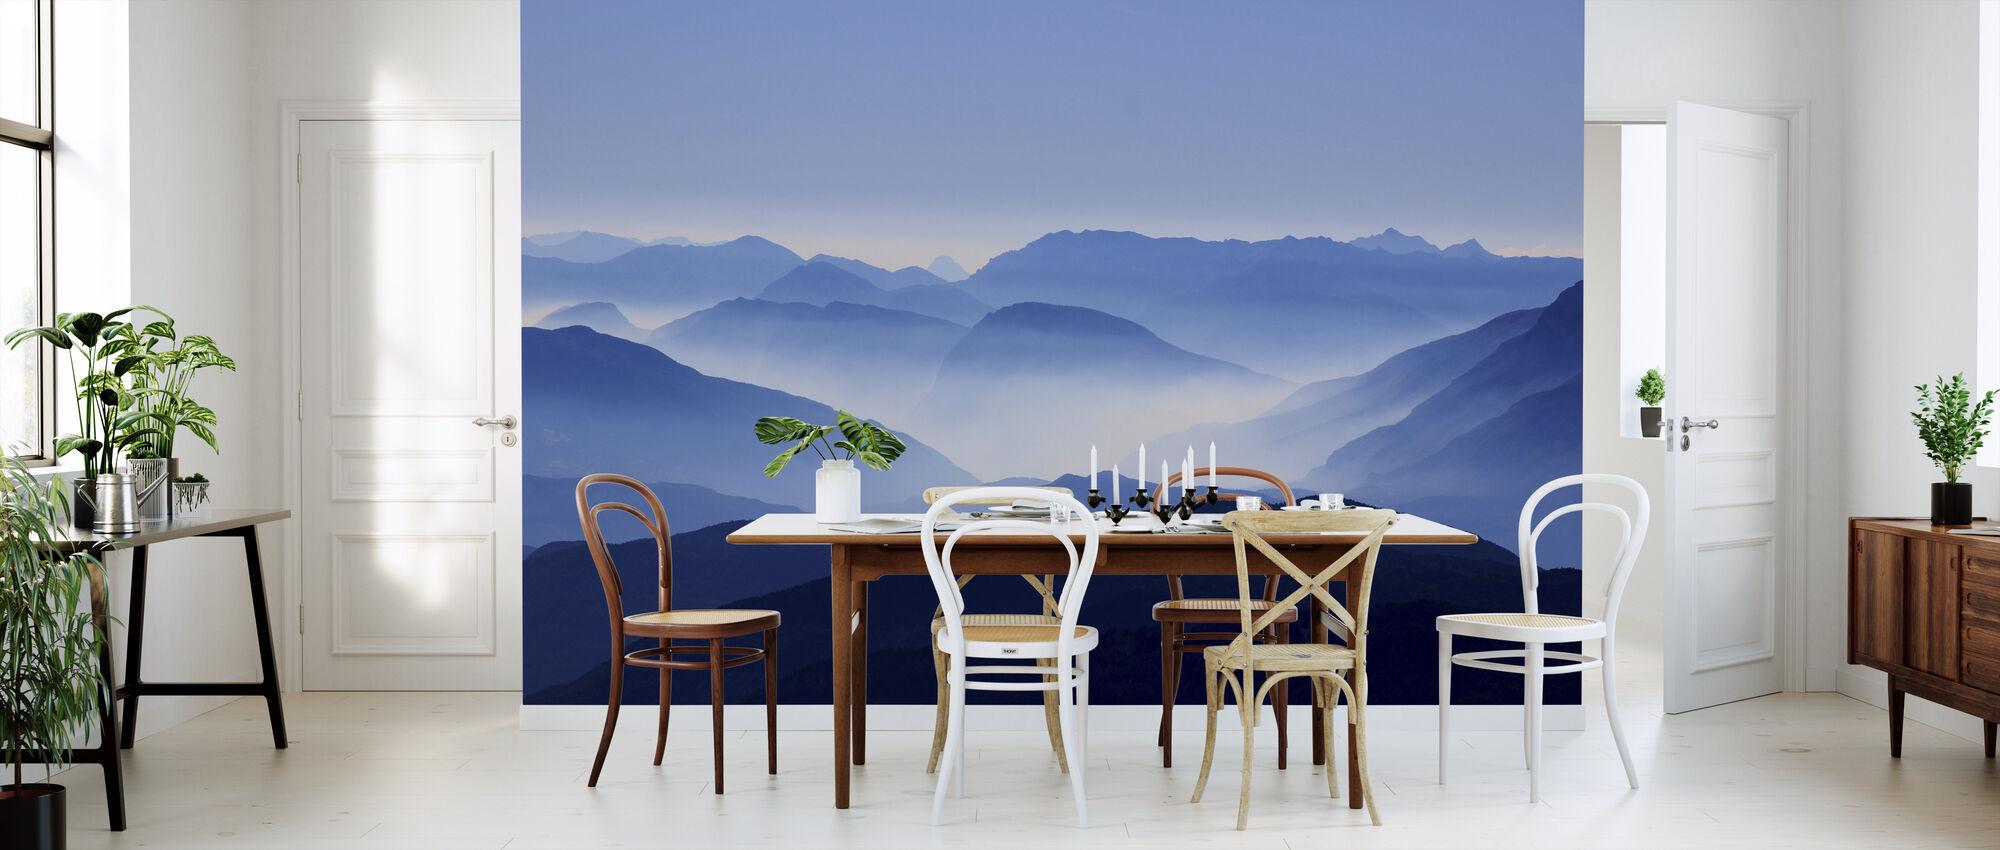 Blauwe Uitzicht op de bergen - Behang - Keuken